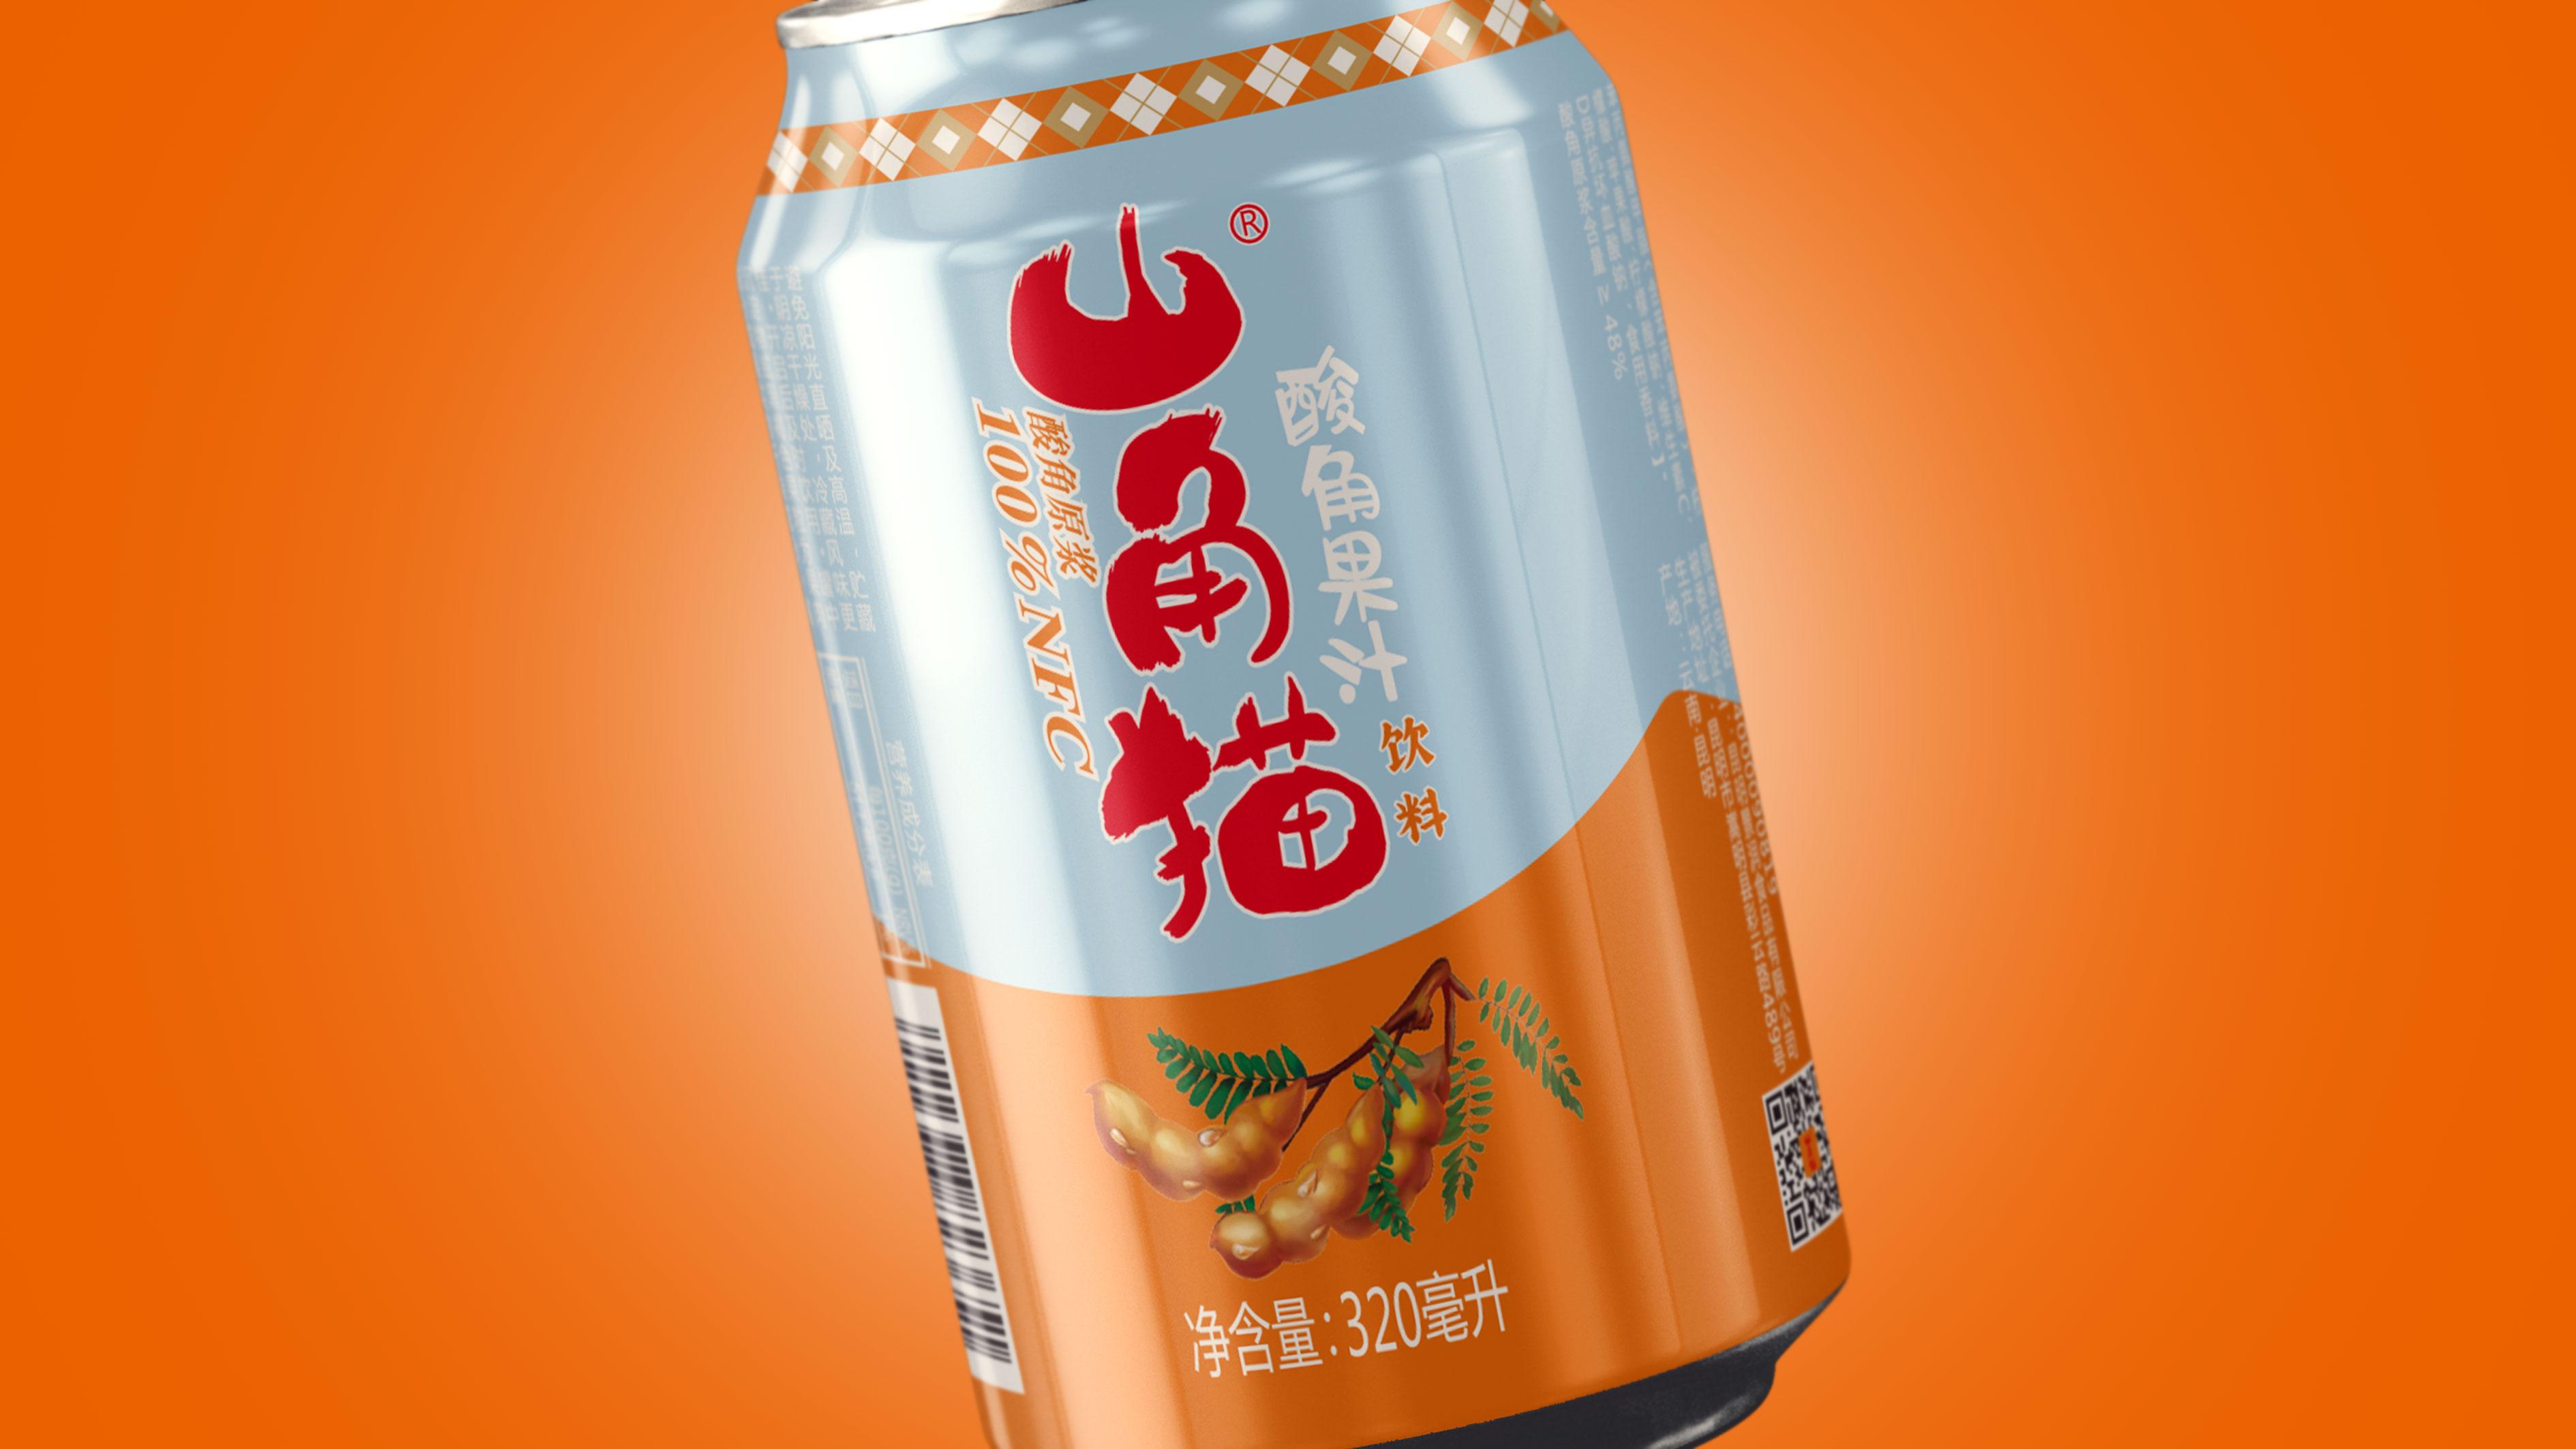 山角猫酸角果汁饮品包装乐天堂fun88备用网站